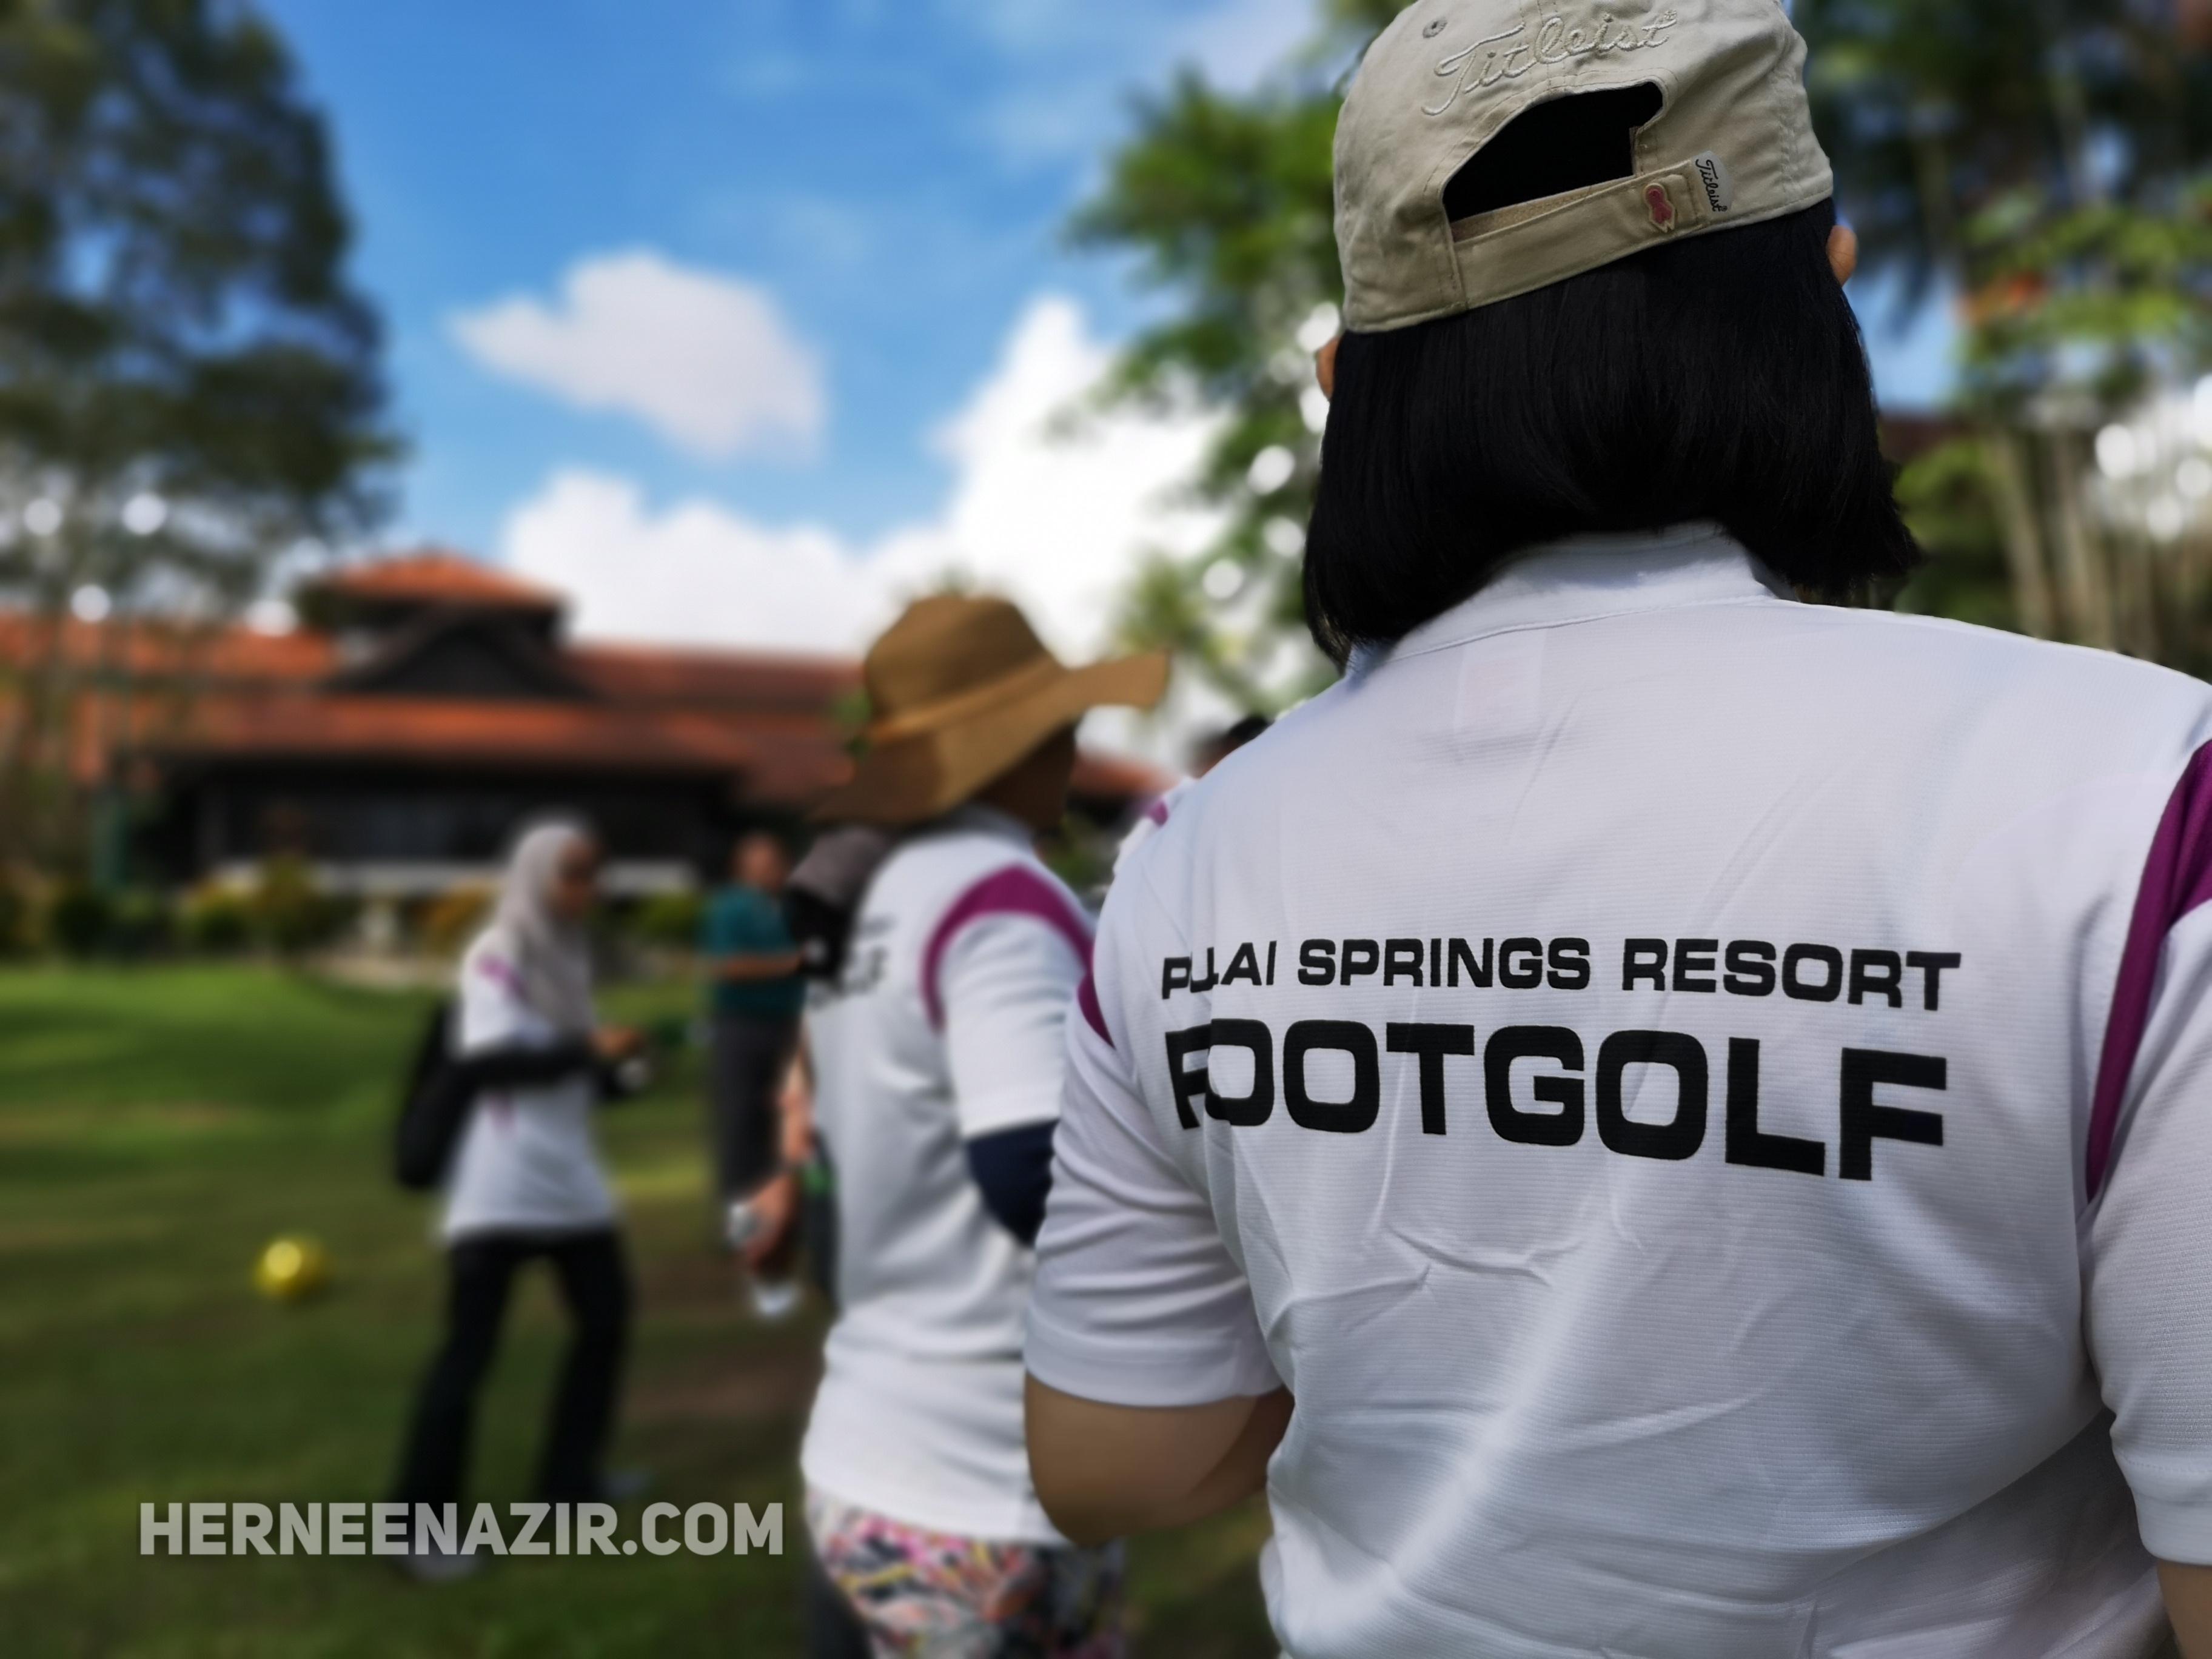 FootGolf Pertama di Johor Bahru Hanya di Pulai Springs Resort